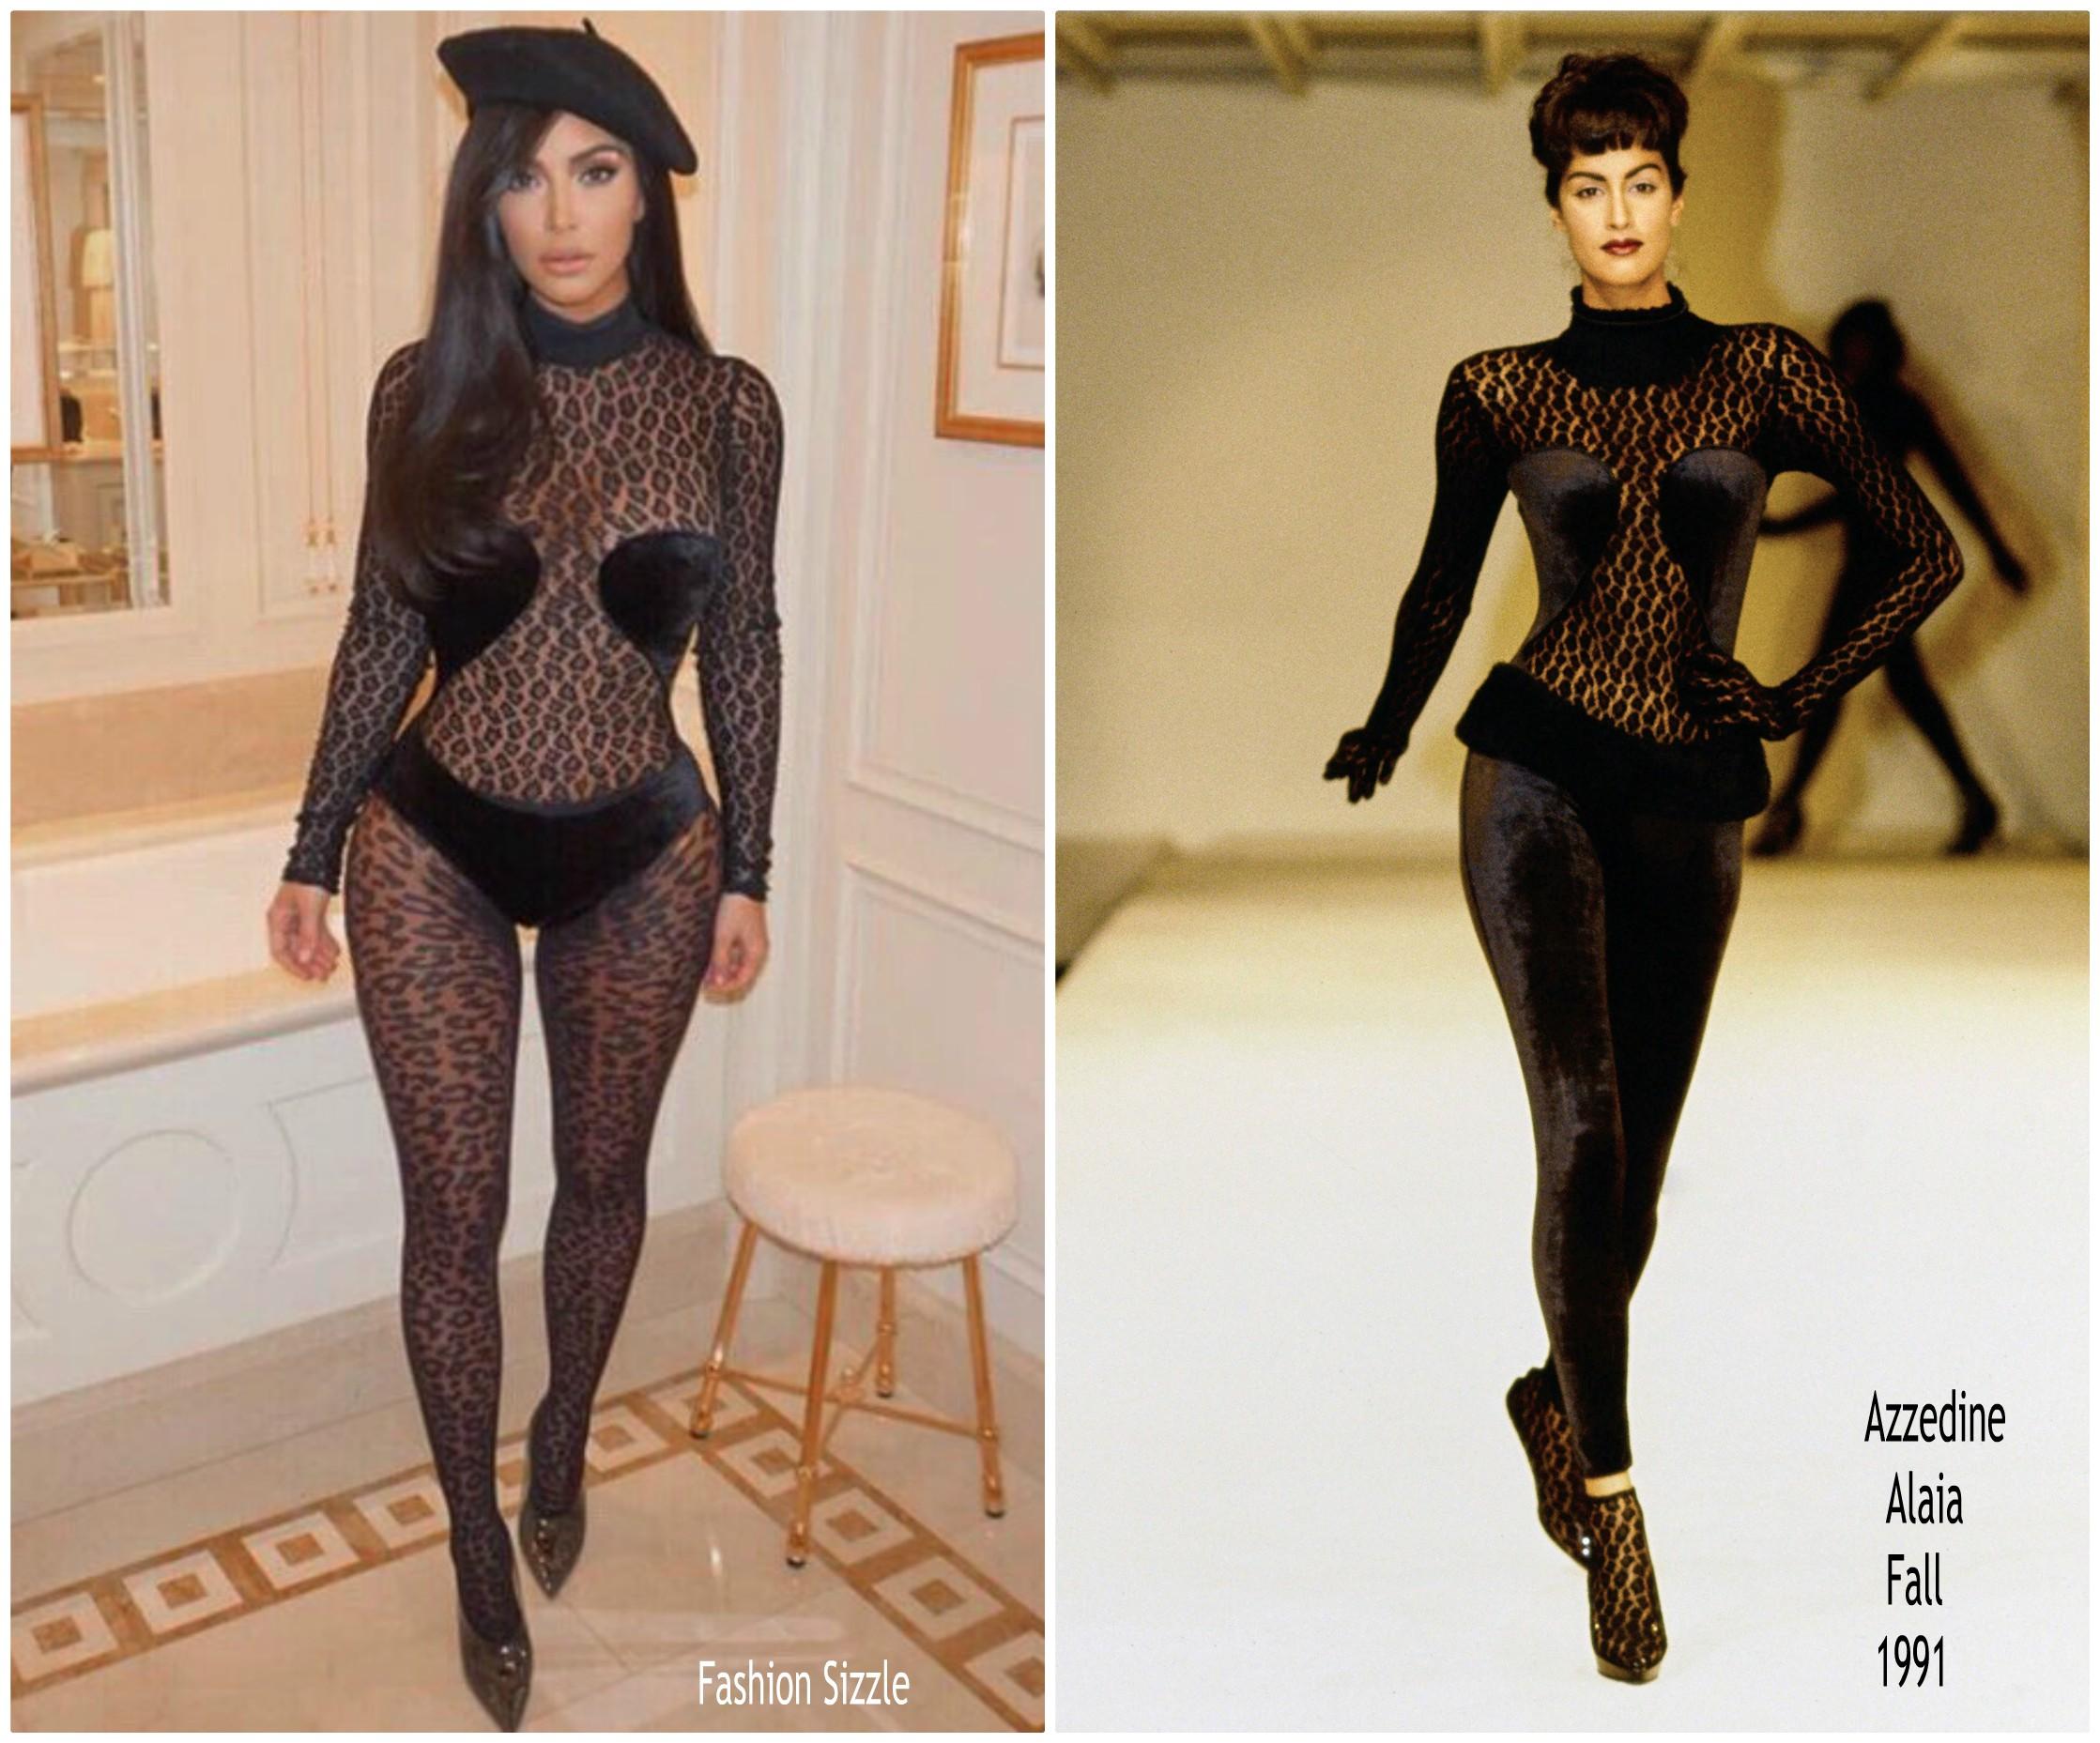 kim-kardashian-in-vintage-azzedine-alaia-out-in-paris